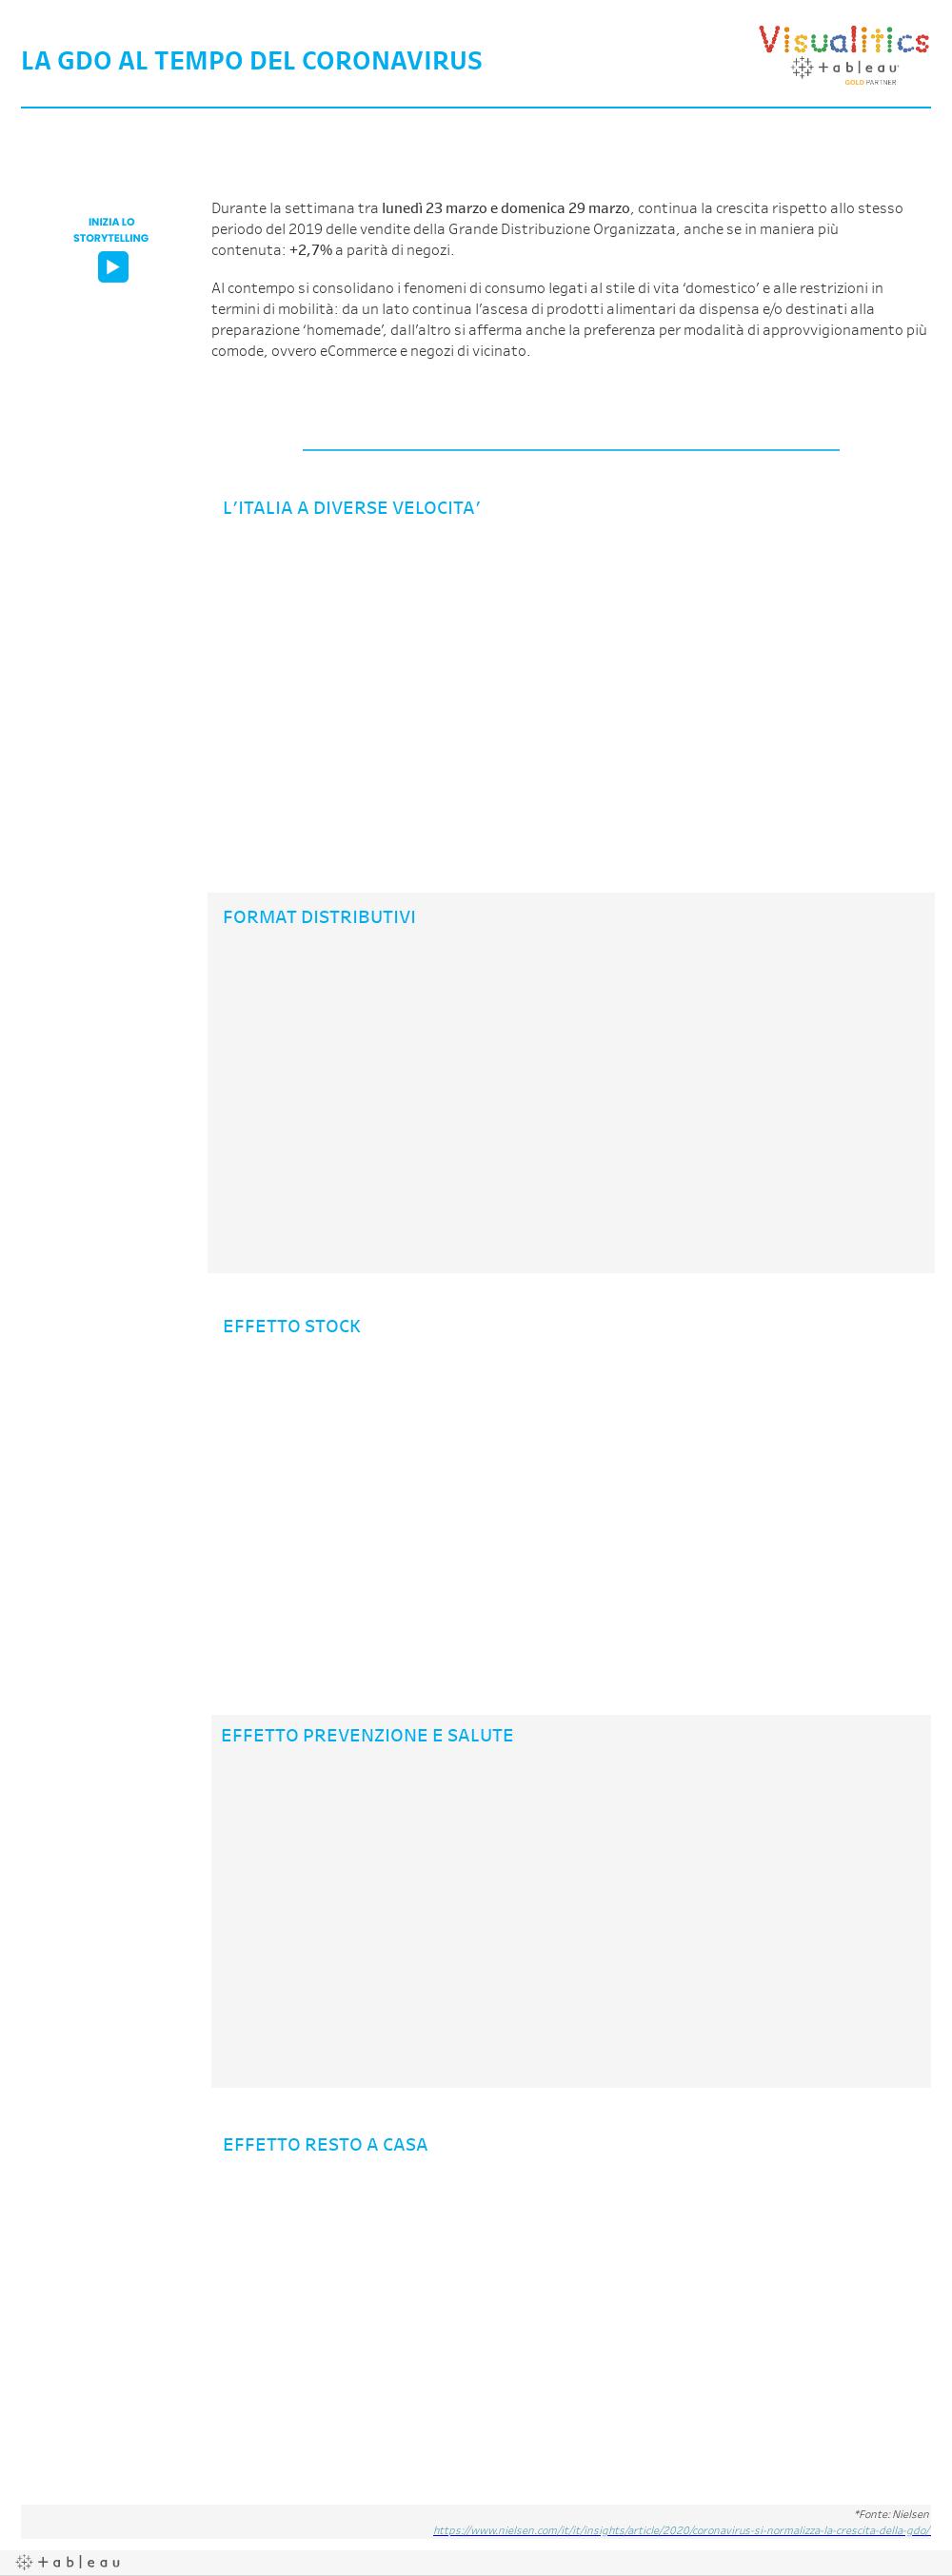 Lo storytelling in Tableau: dati tra infografica e interattività